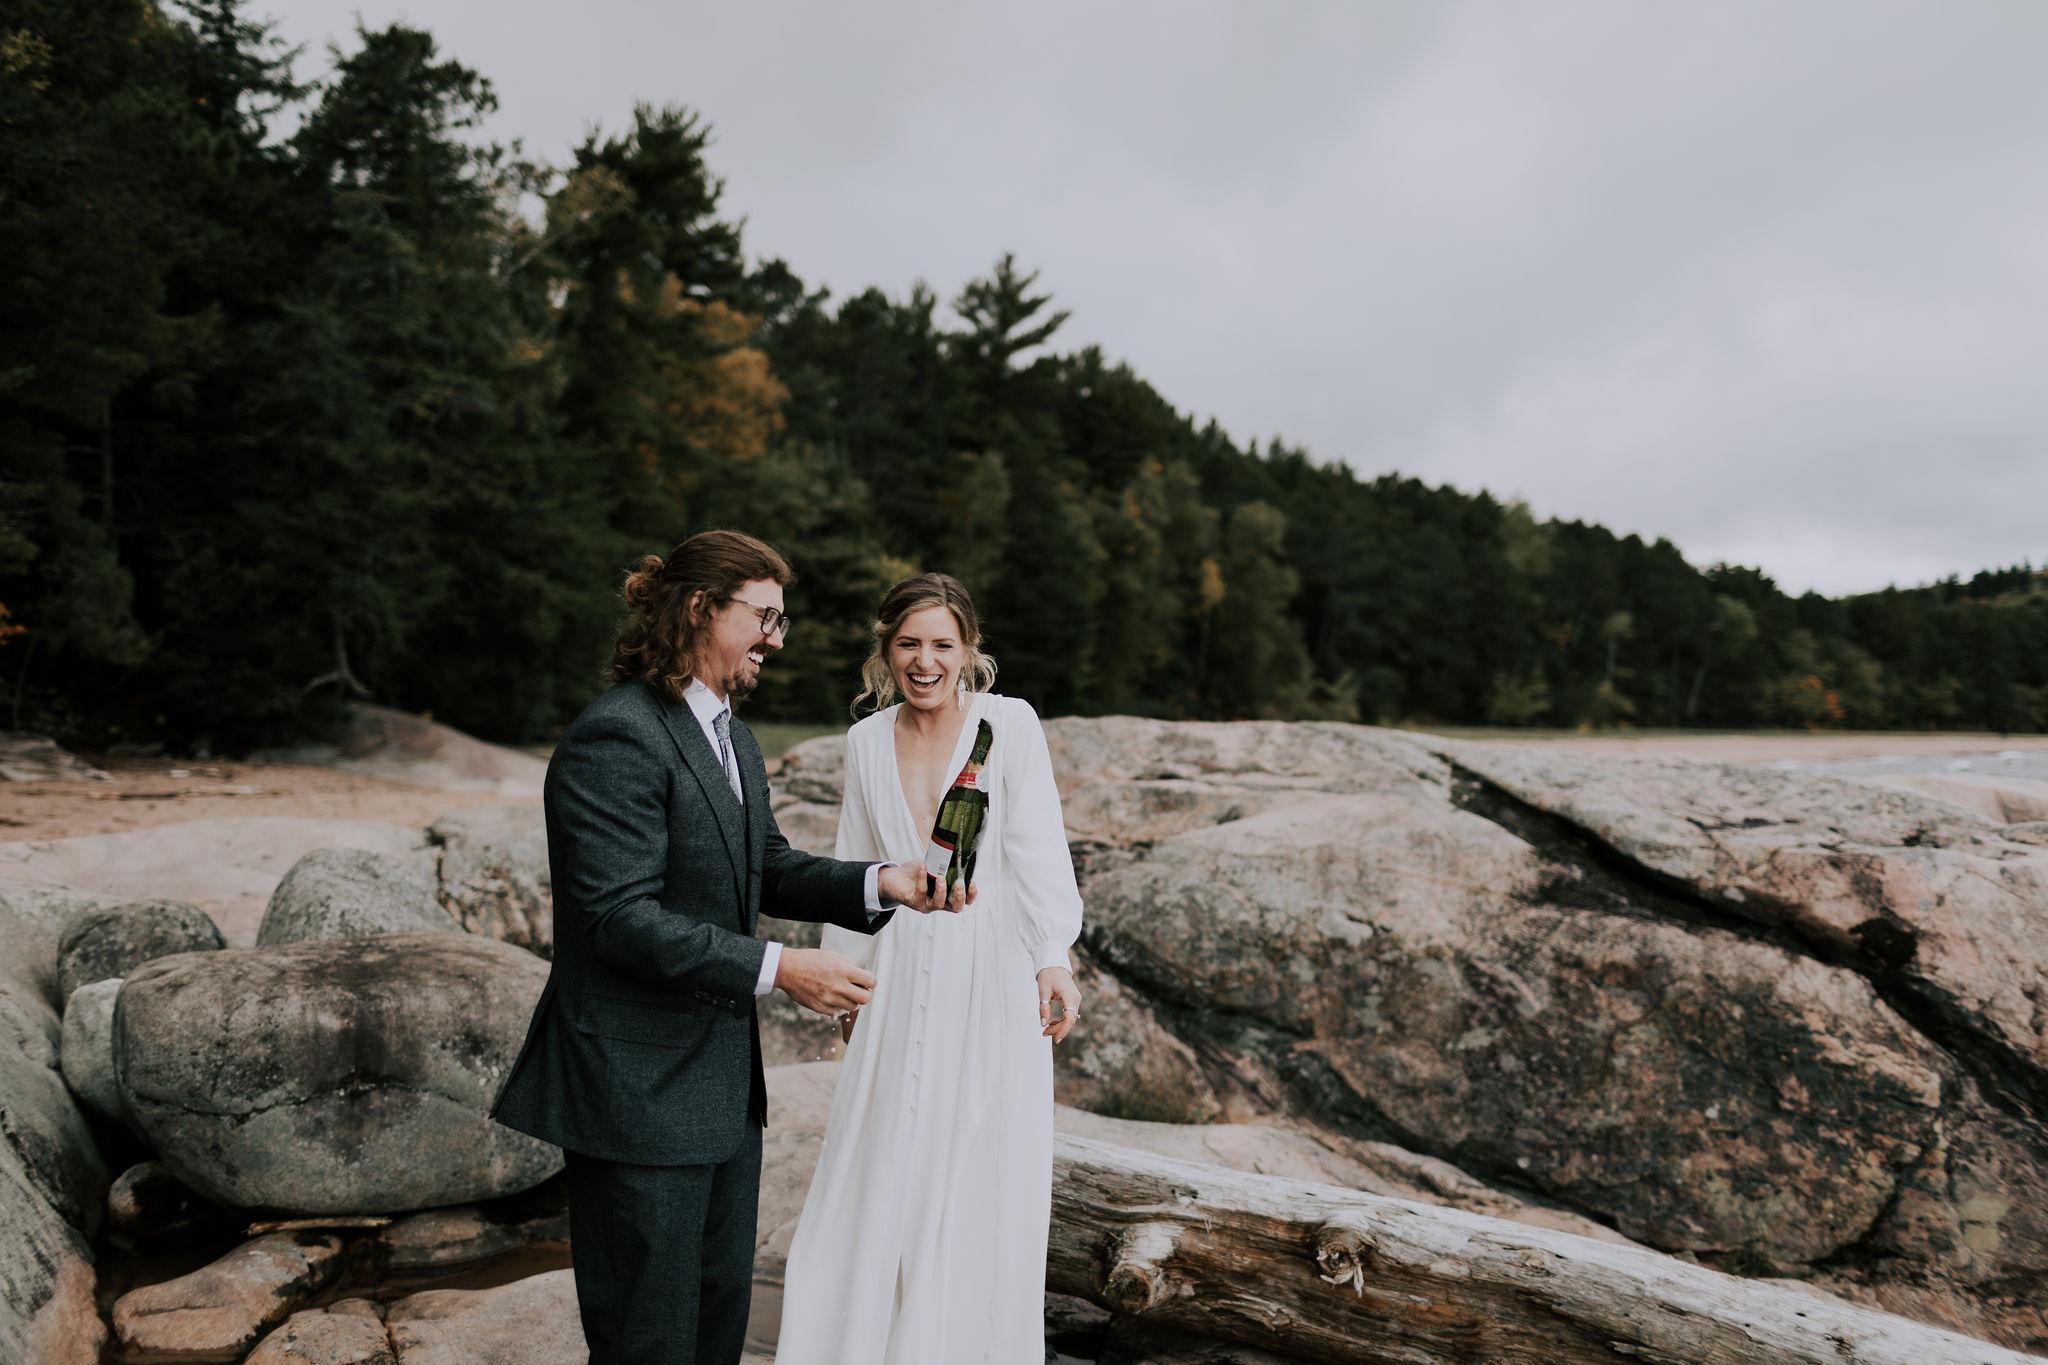 Belsolda-Farm-Wedding-Marquette-MI-Addie-James-Vafa-Photo48.jpg